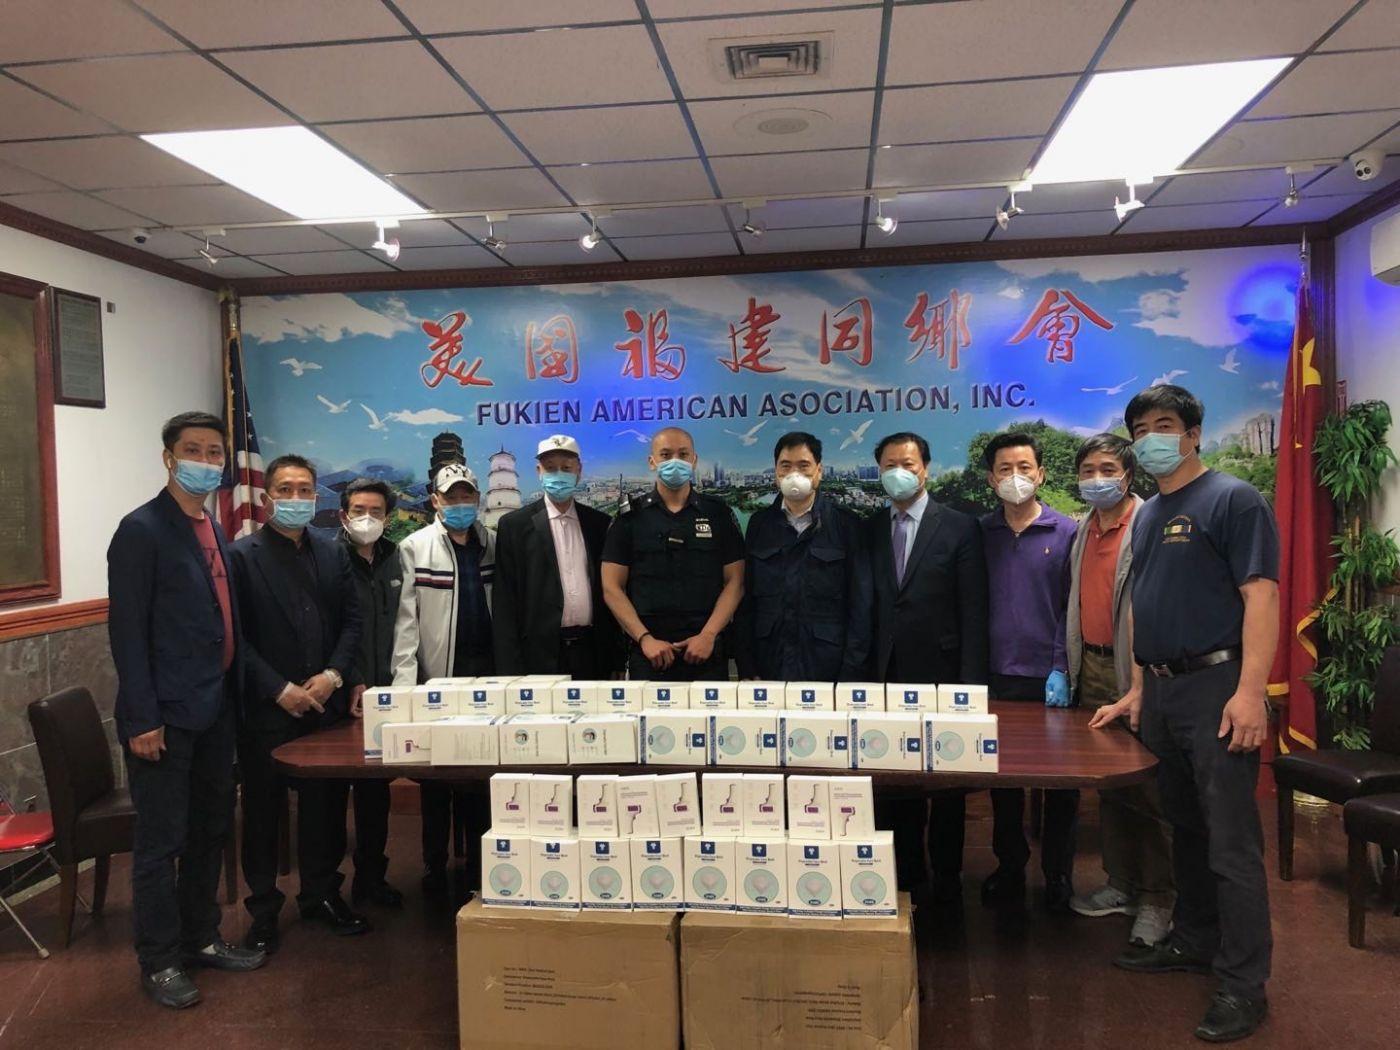 美国福建同乡会企业家捐赠防疫物资给纽约警察与亚美医师协会 ... ... ..._图1-2